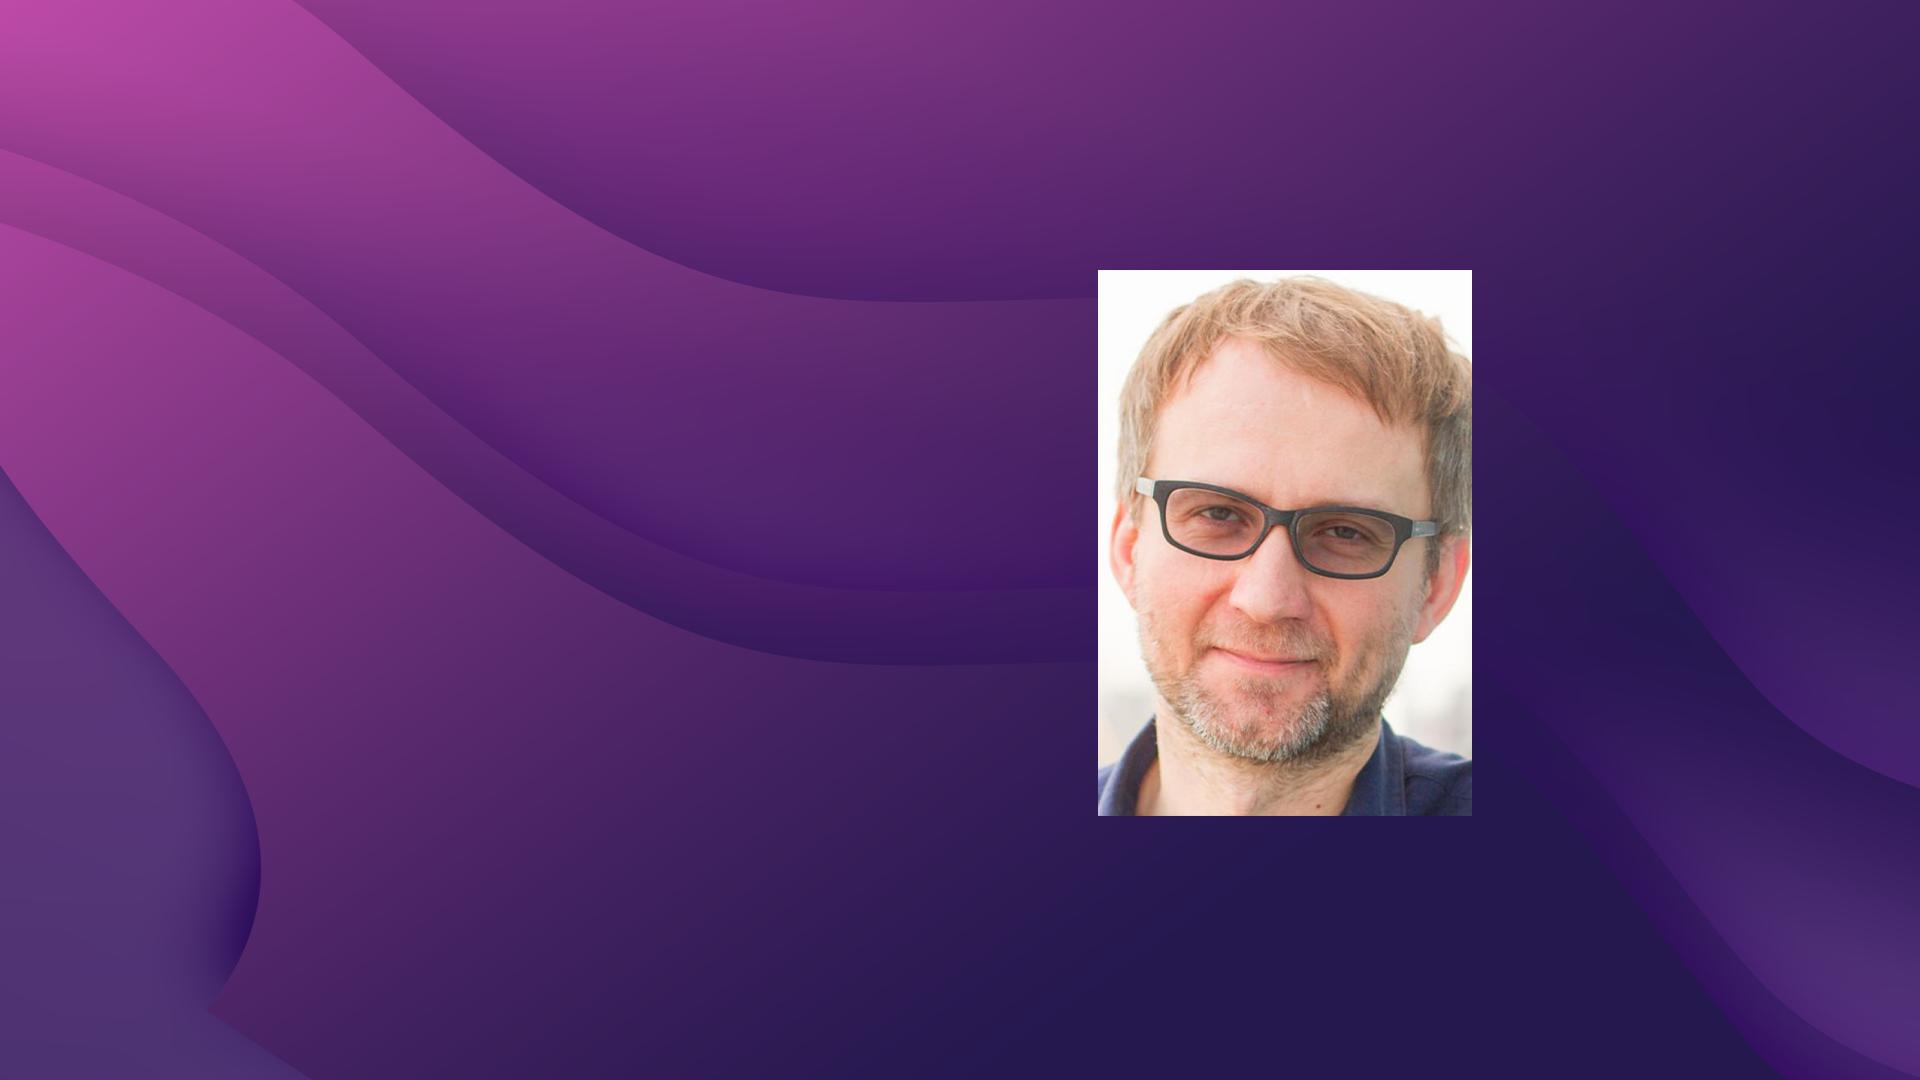 1226: DeepCrawl CEO and Co-Founder Michal Magdziarz